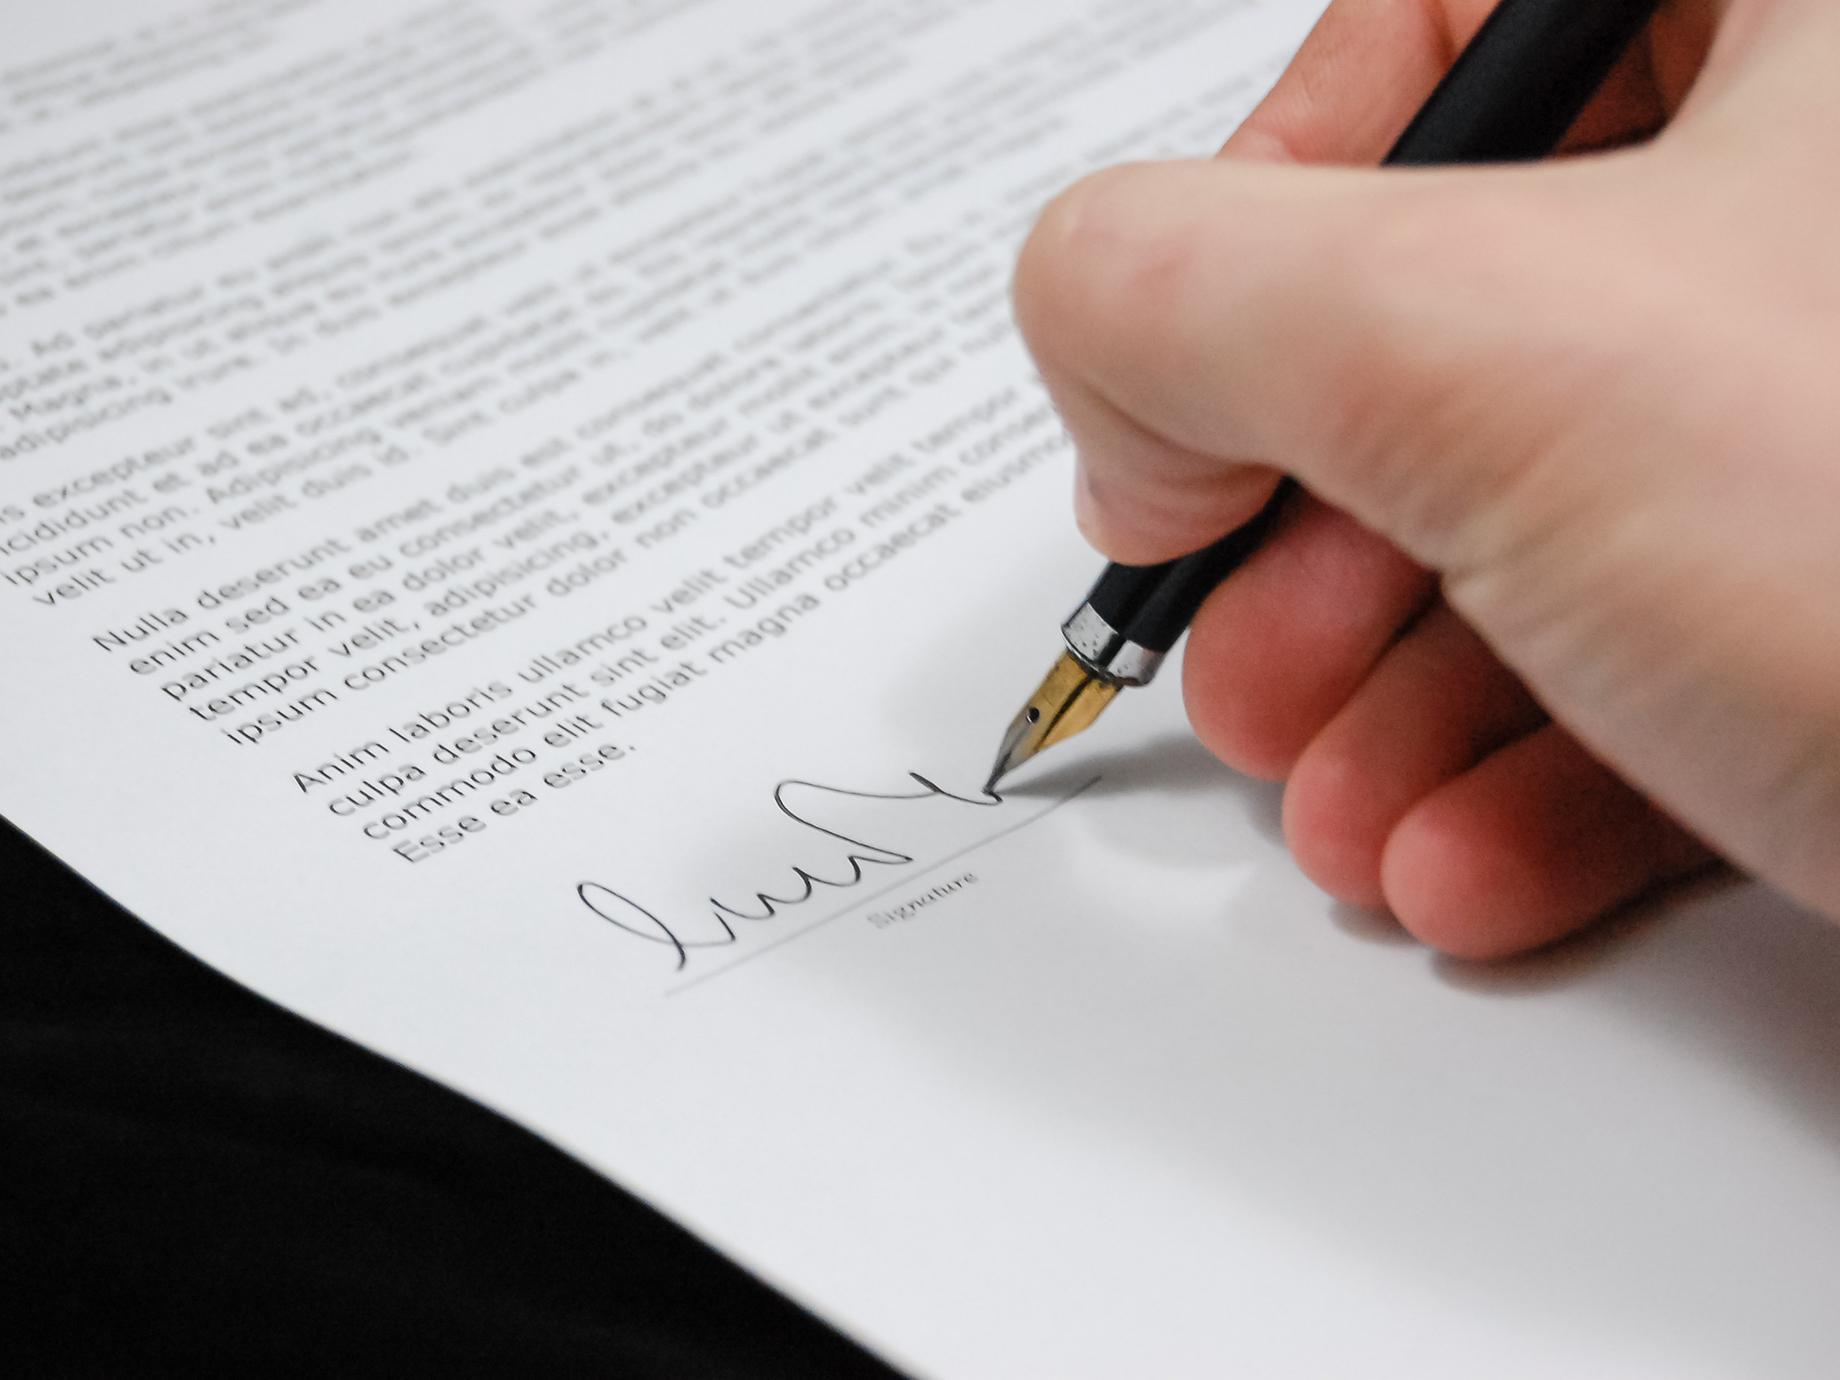 簽約前一刻,客戶突然「神隱」?4方法教你得體應變| SmartM 人才培訓網